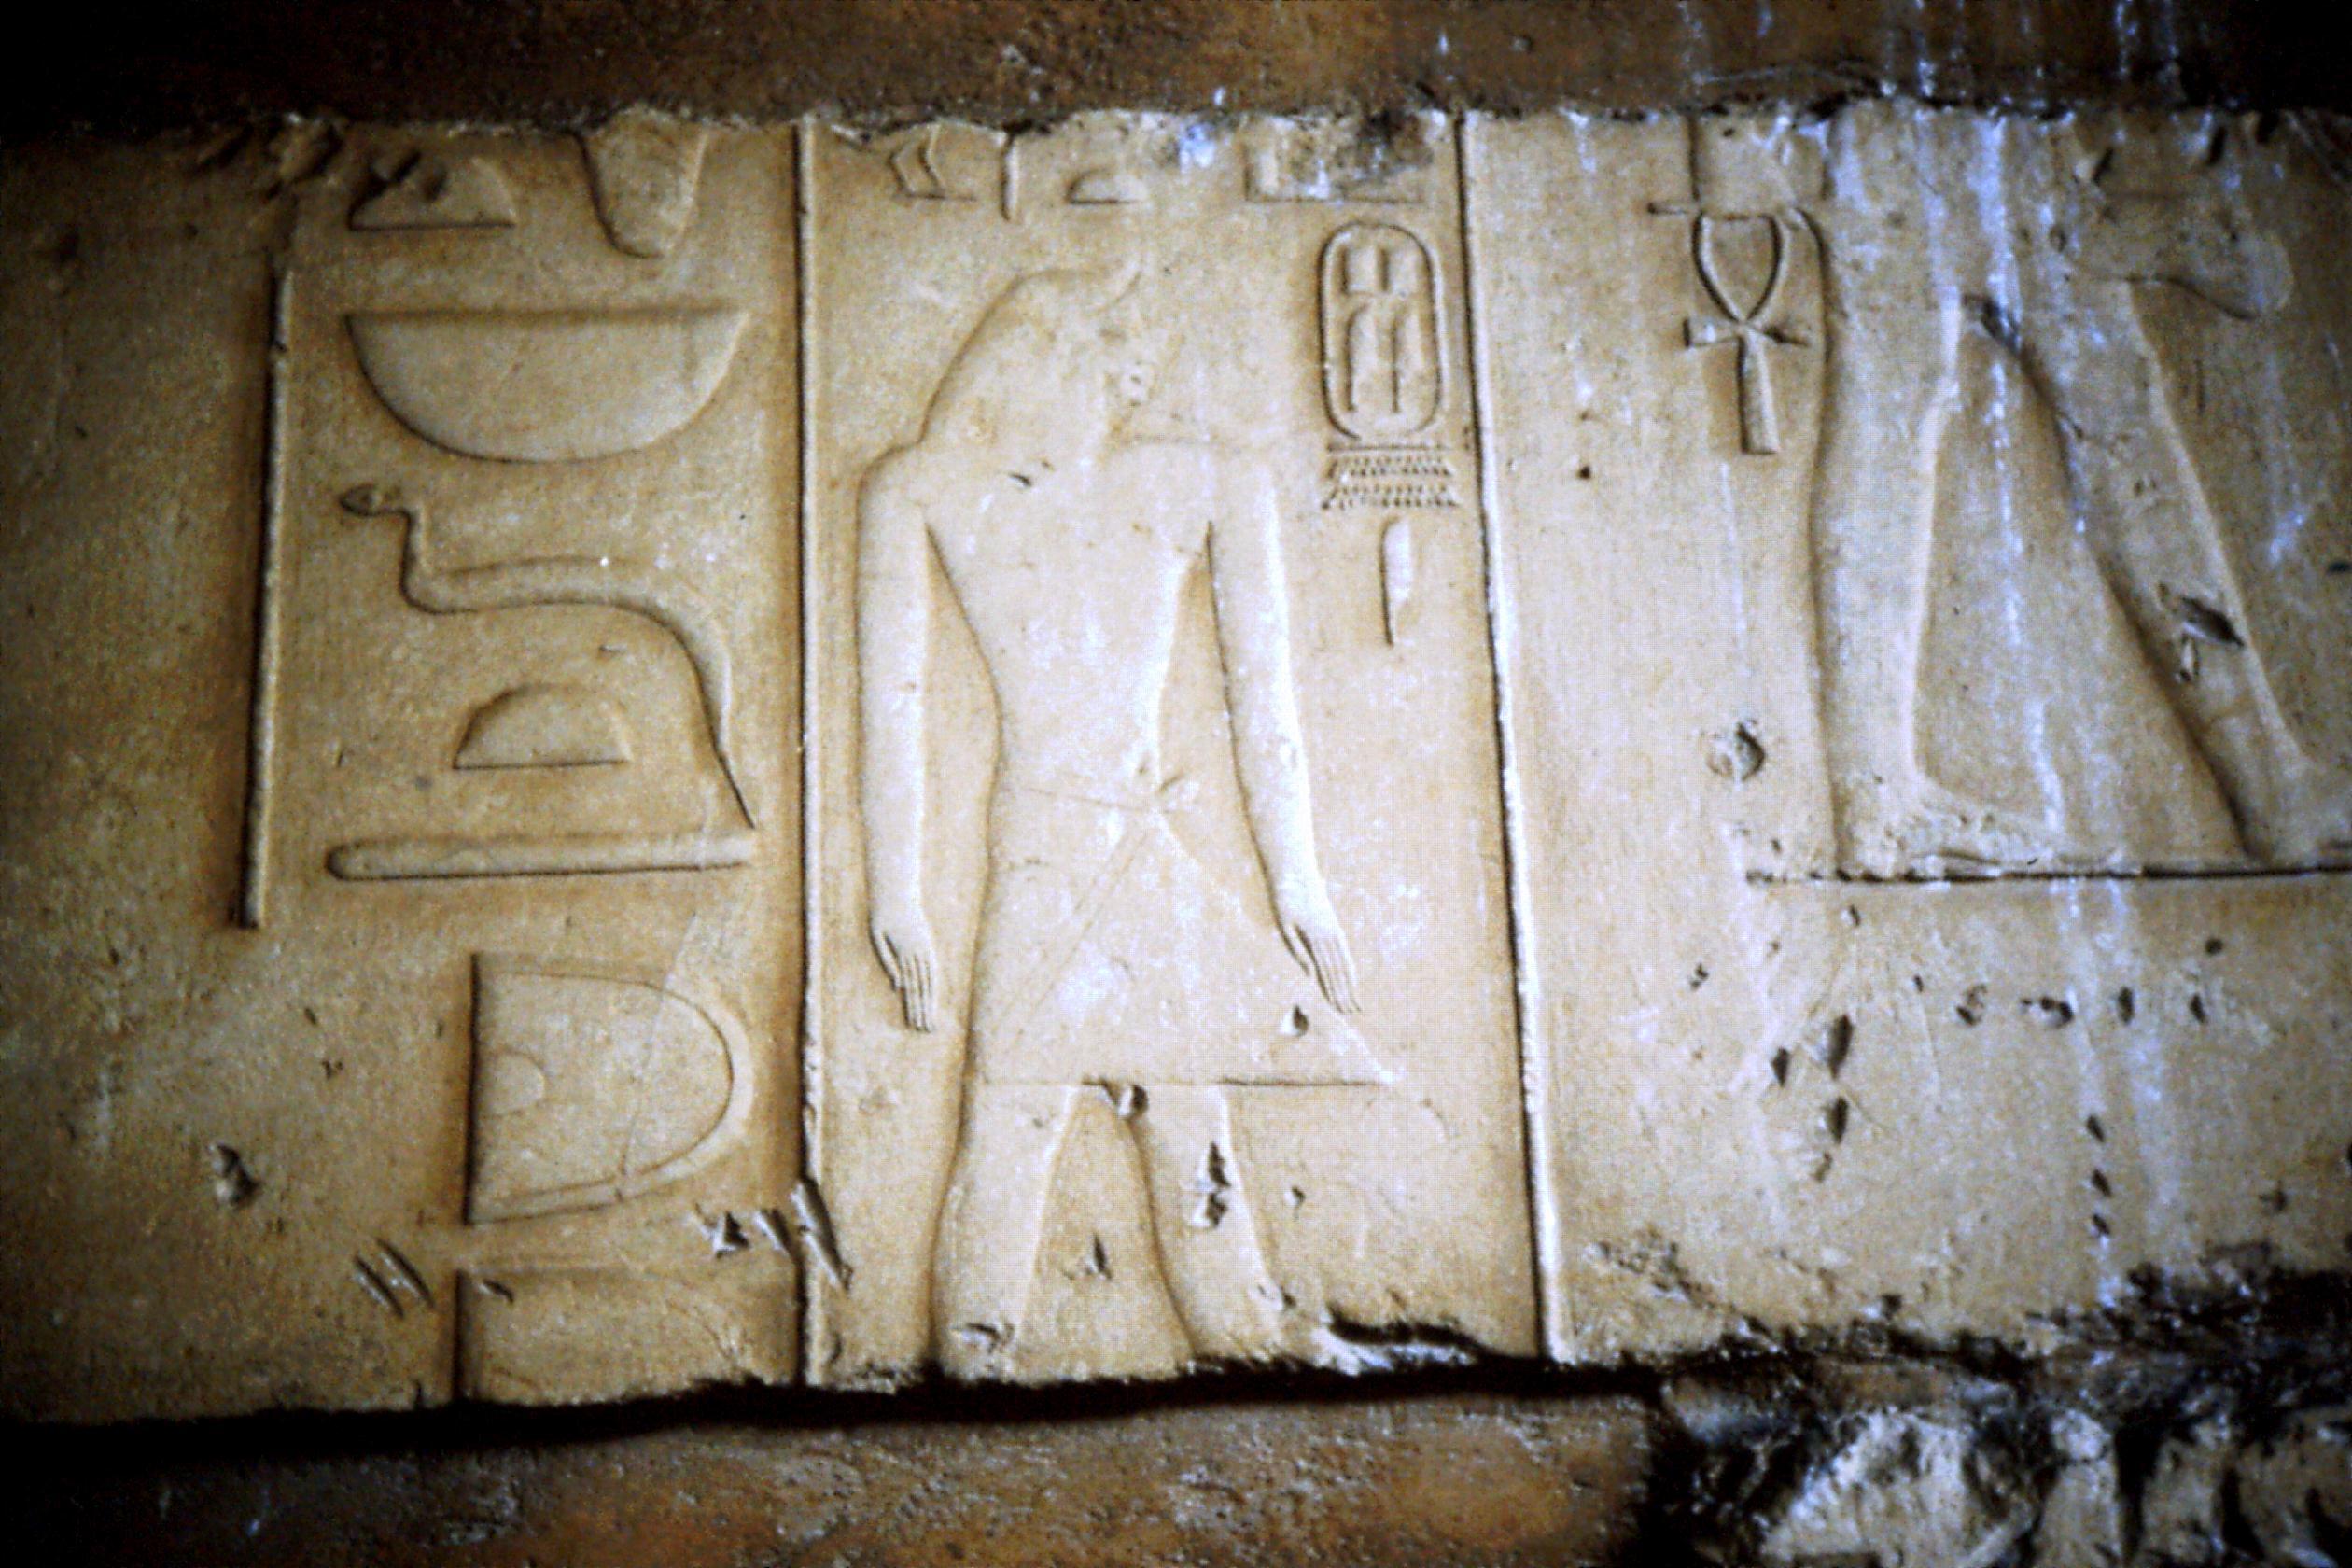 The tomb of Nipepy at South Saqqara.